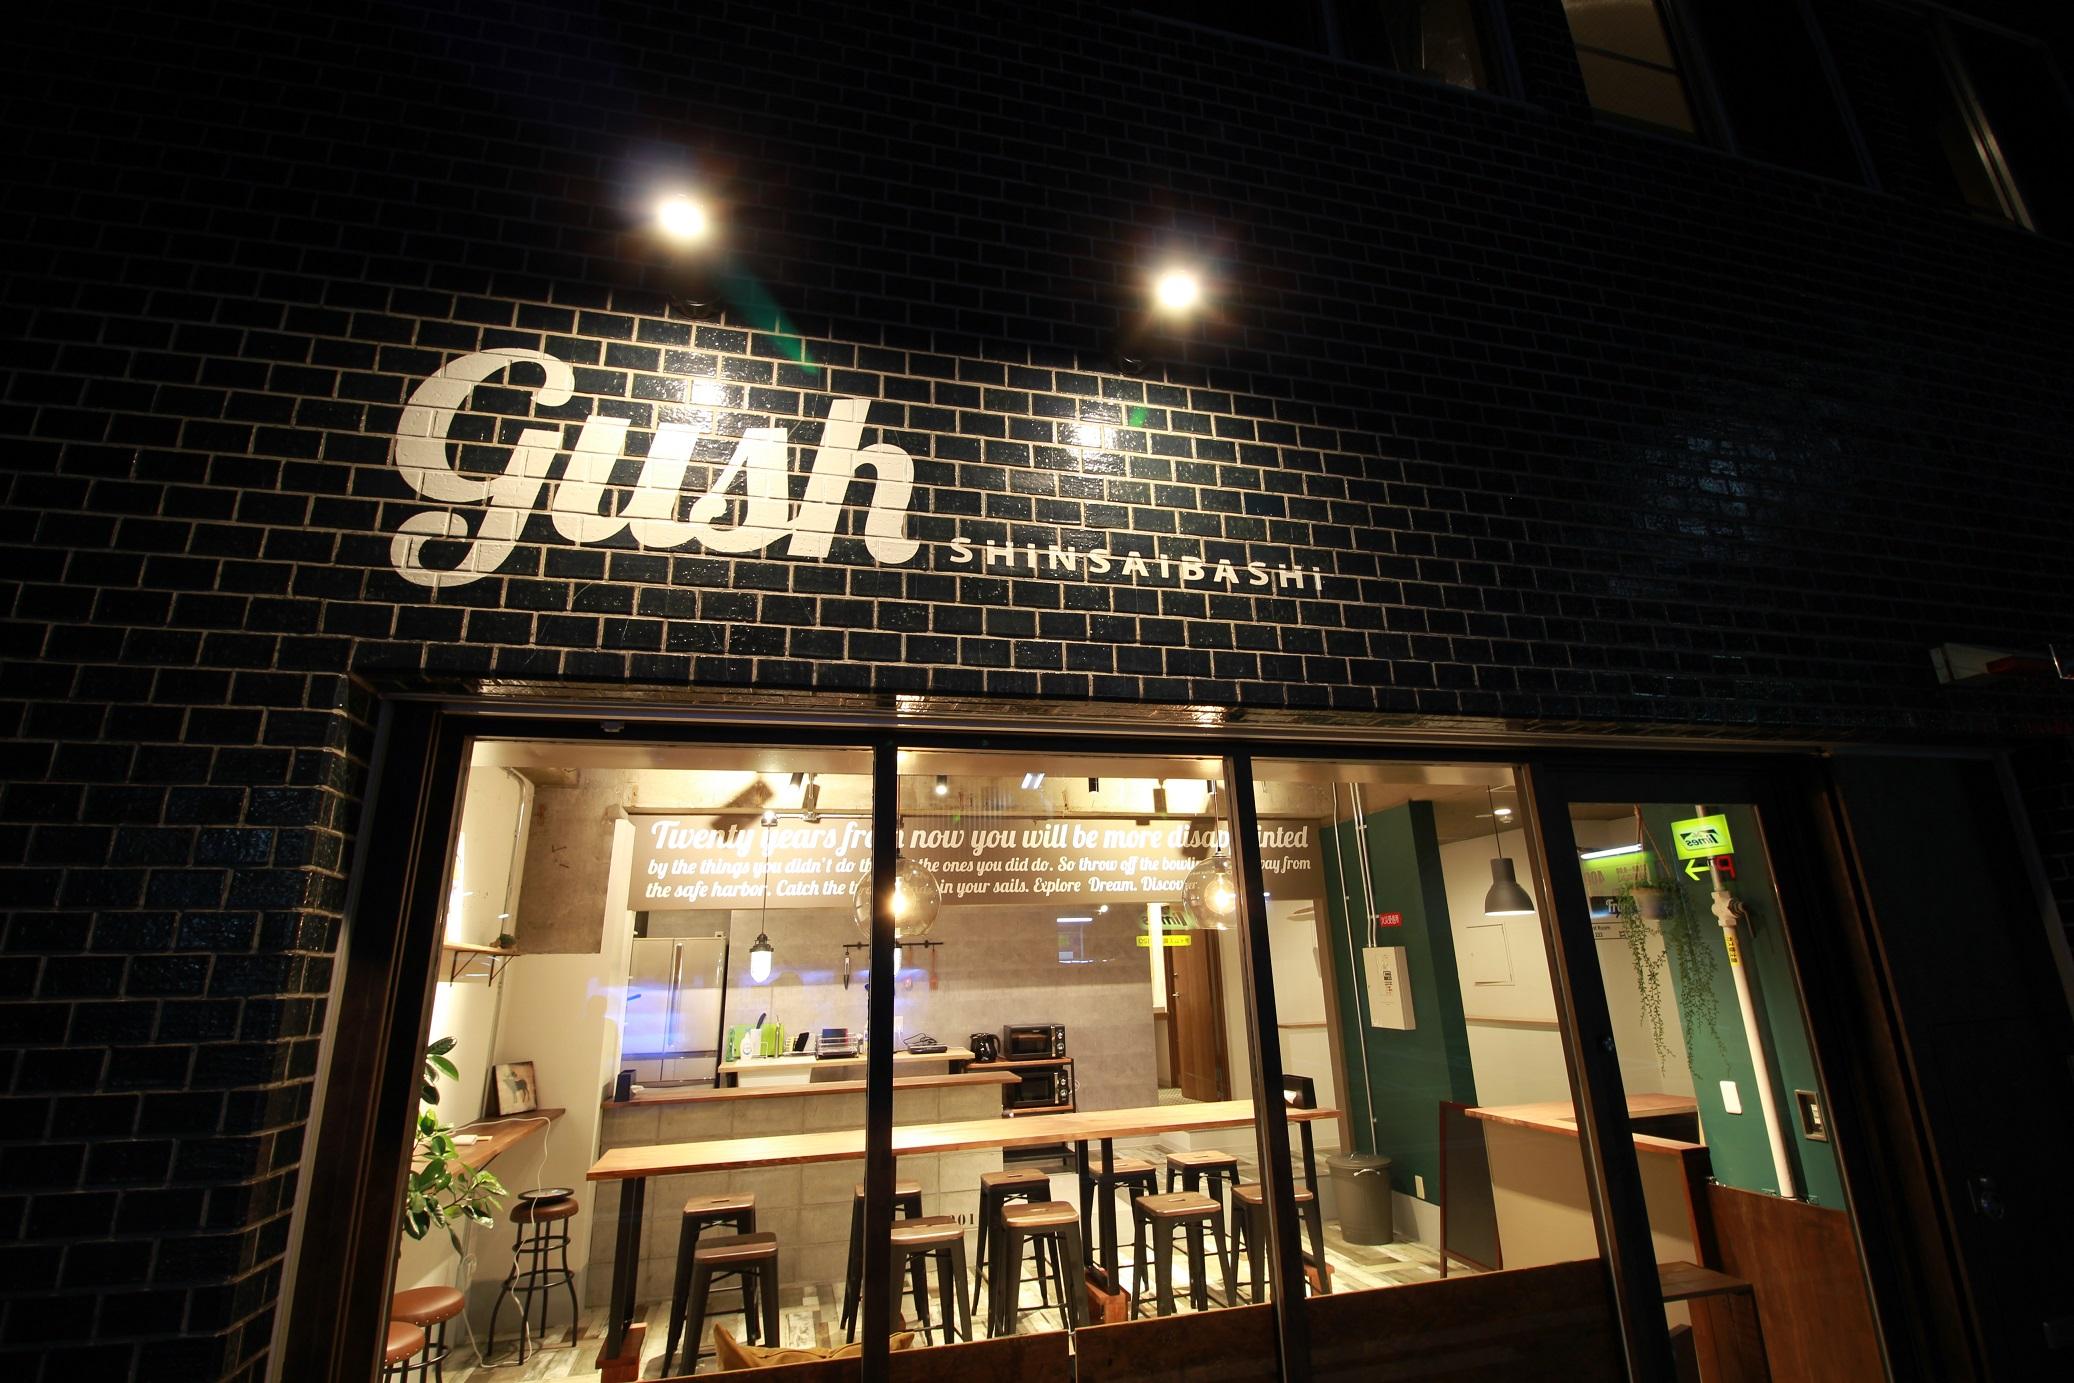 GUSH SHINSAIBASHI(ガッシュ心斎橋)